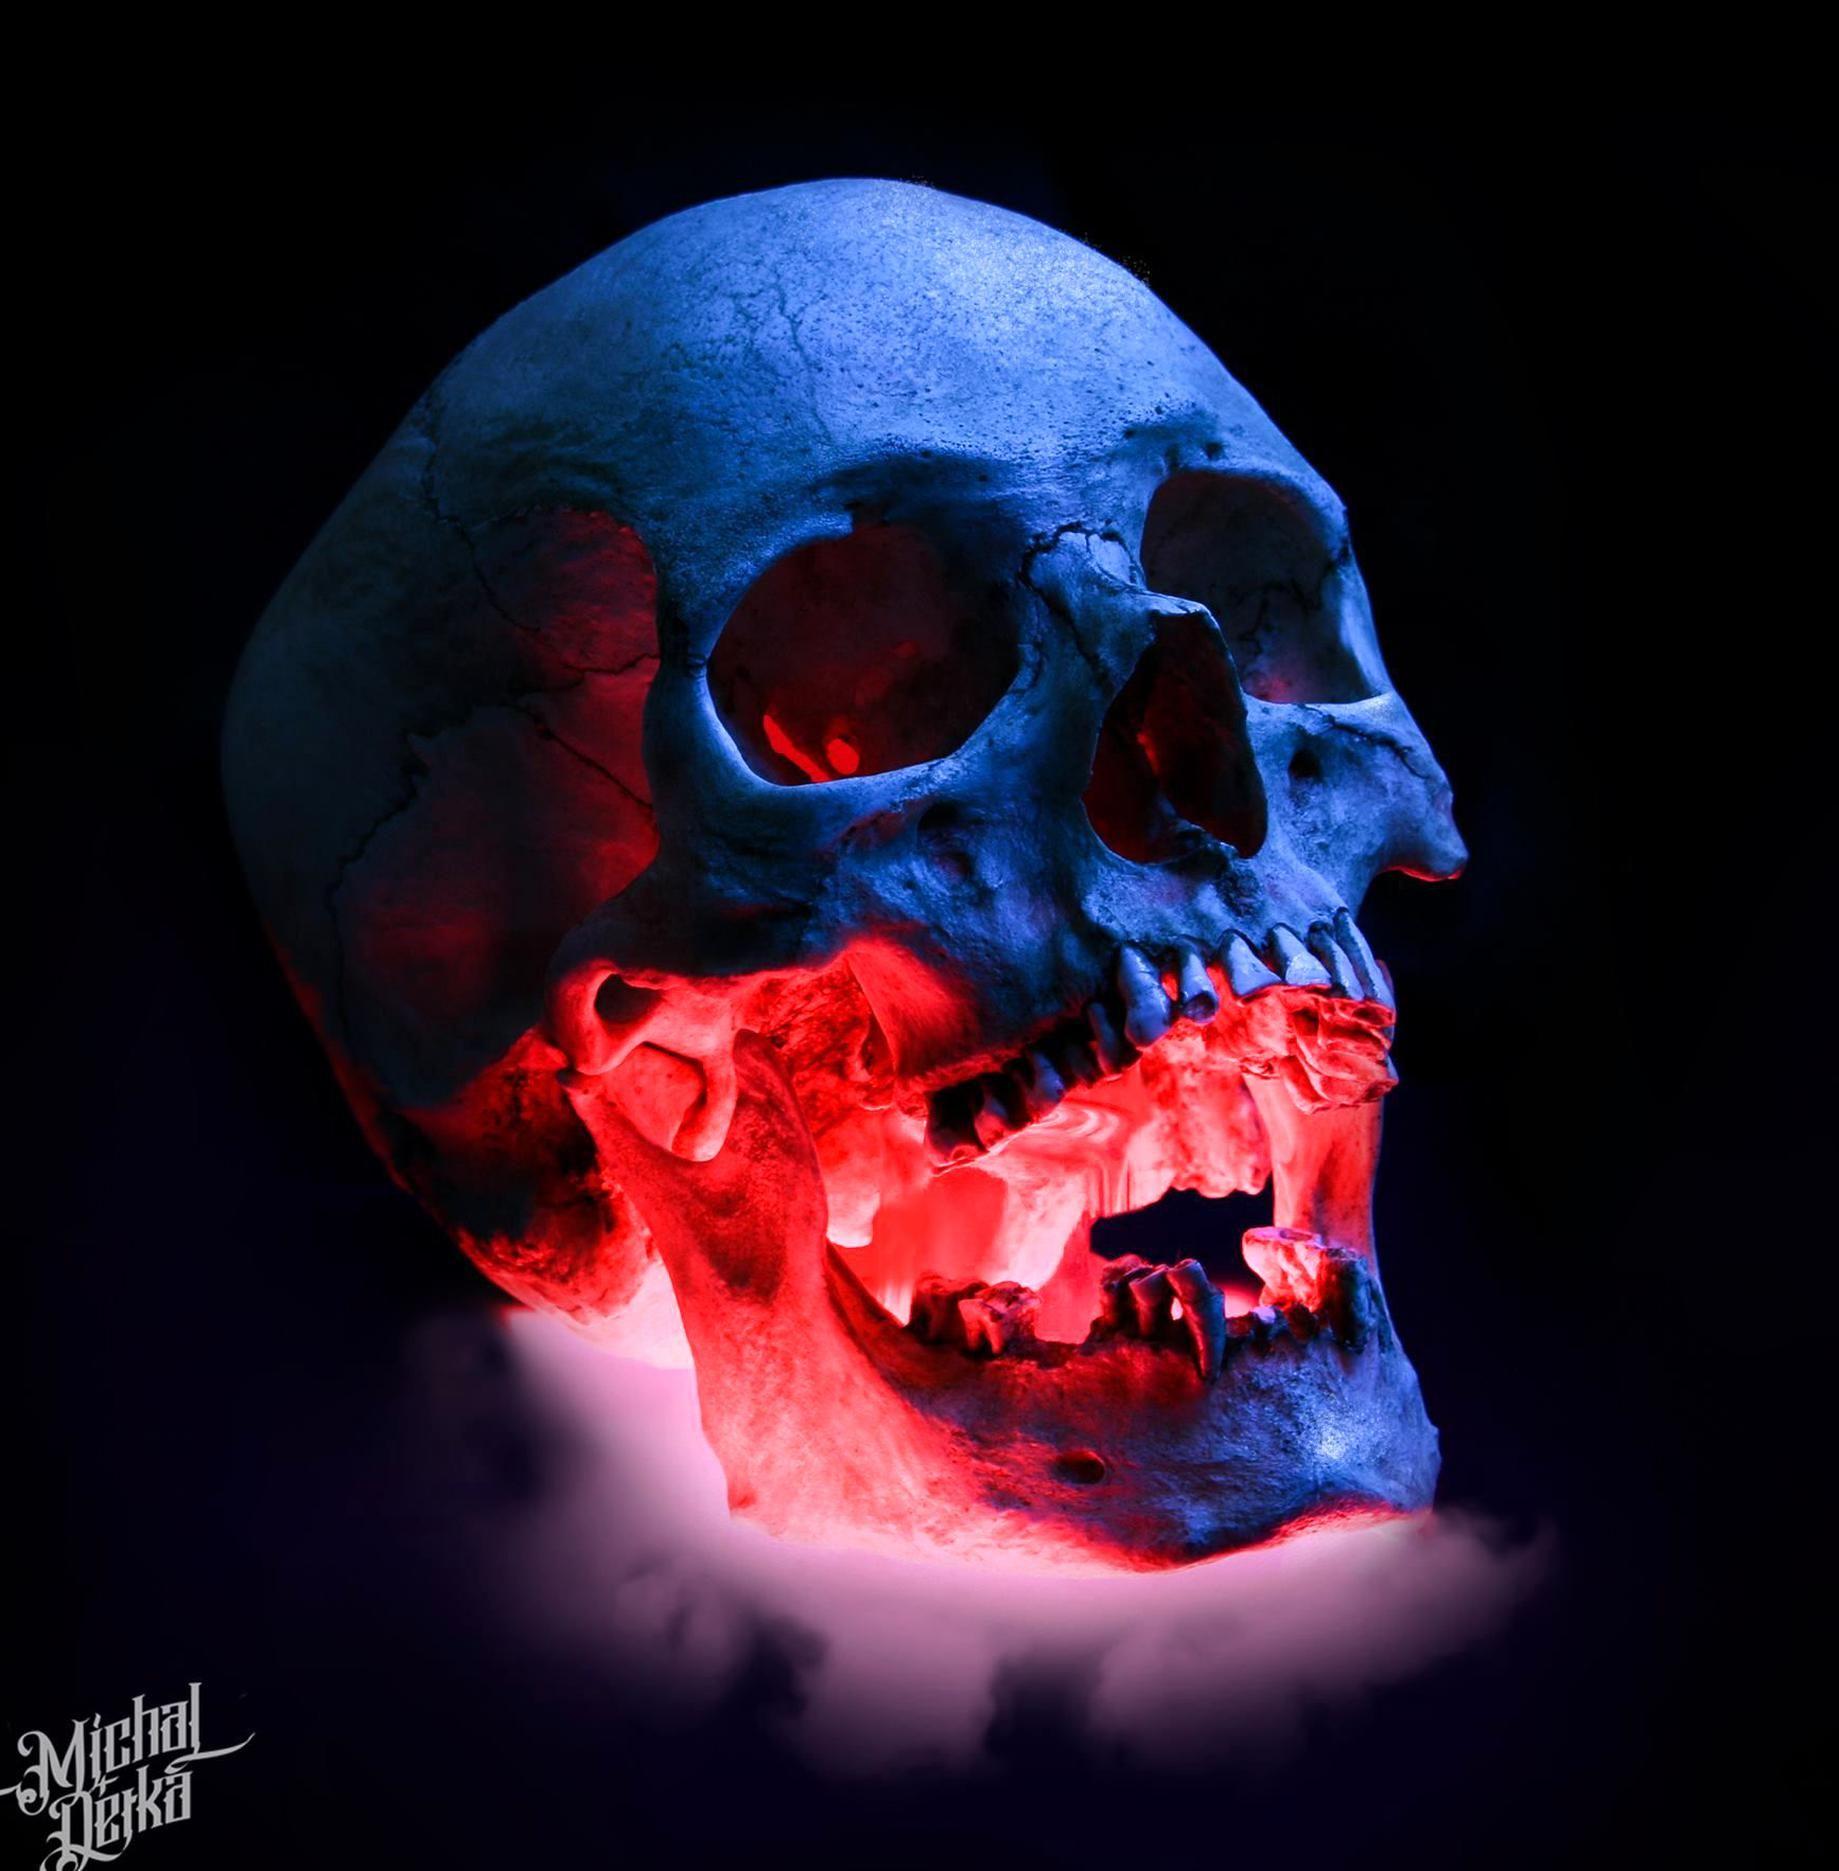 Skull Tattoo Reference Best Photo By Michal Detka In 2020 Skull Artwork Skull Painting Skull Reference